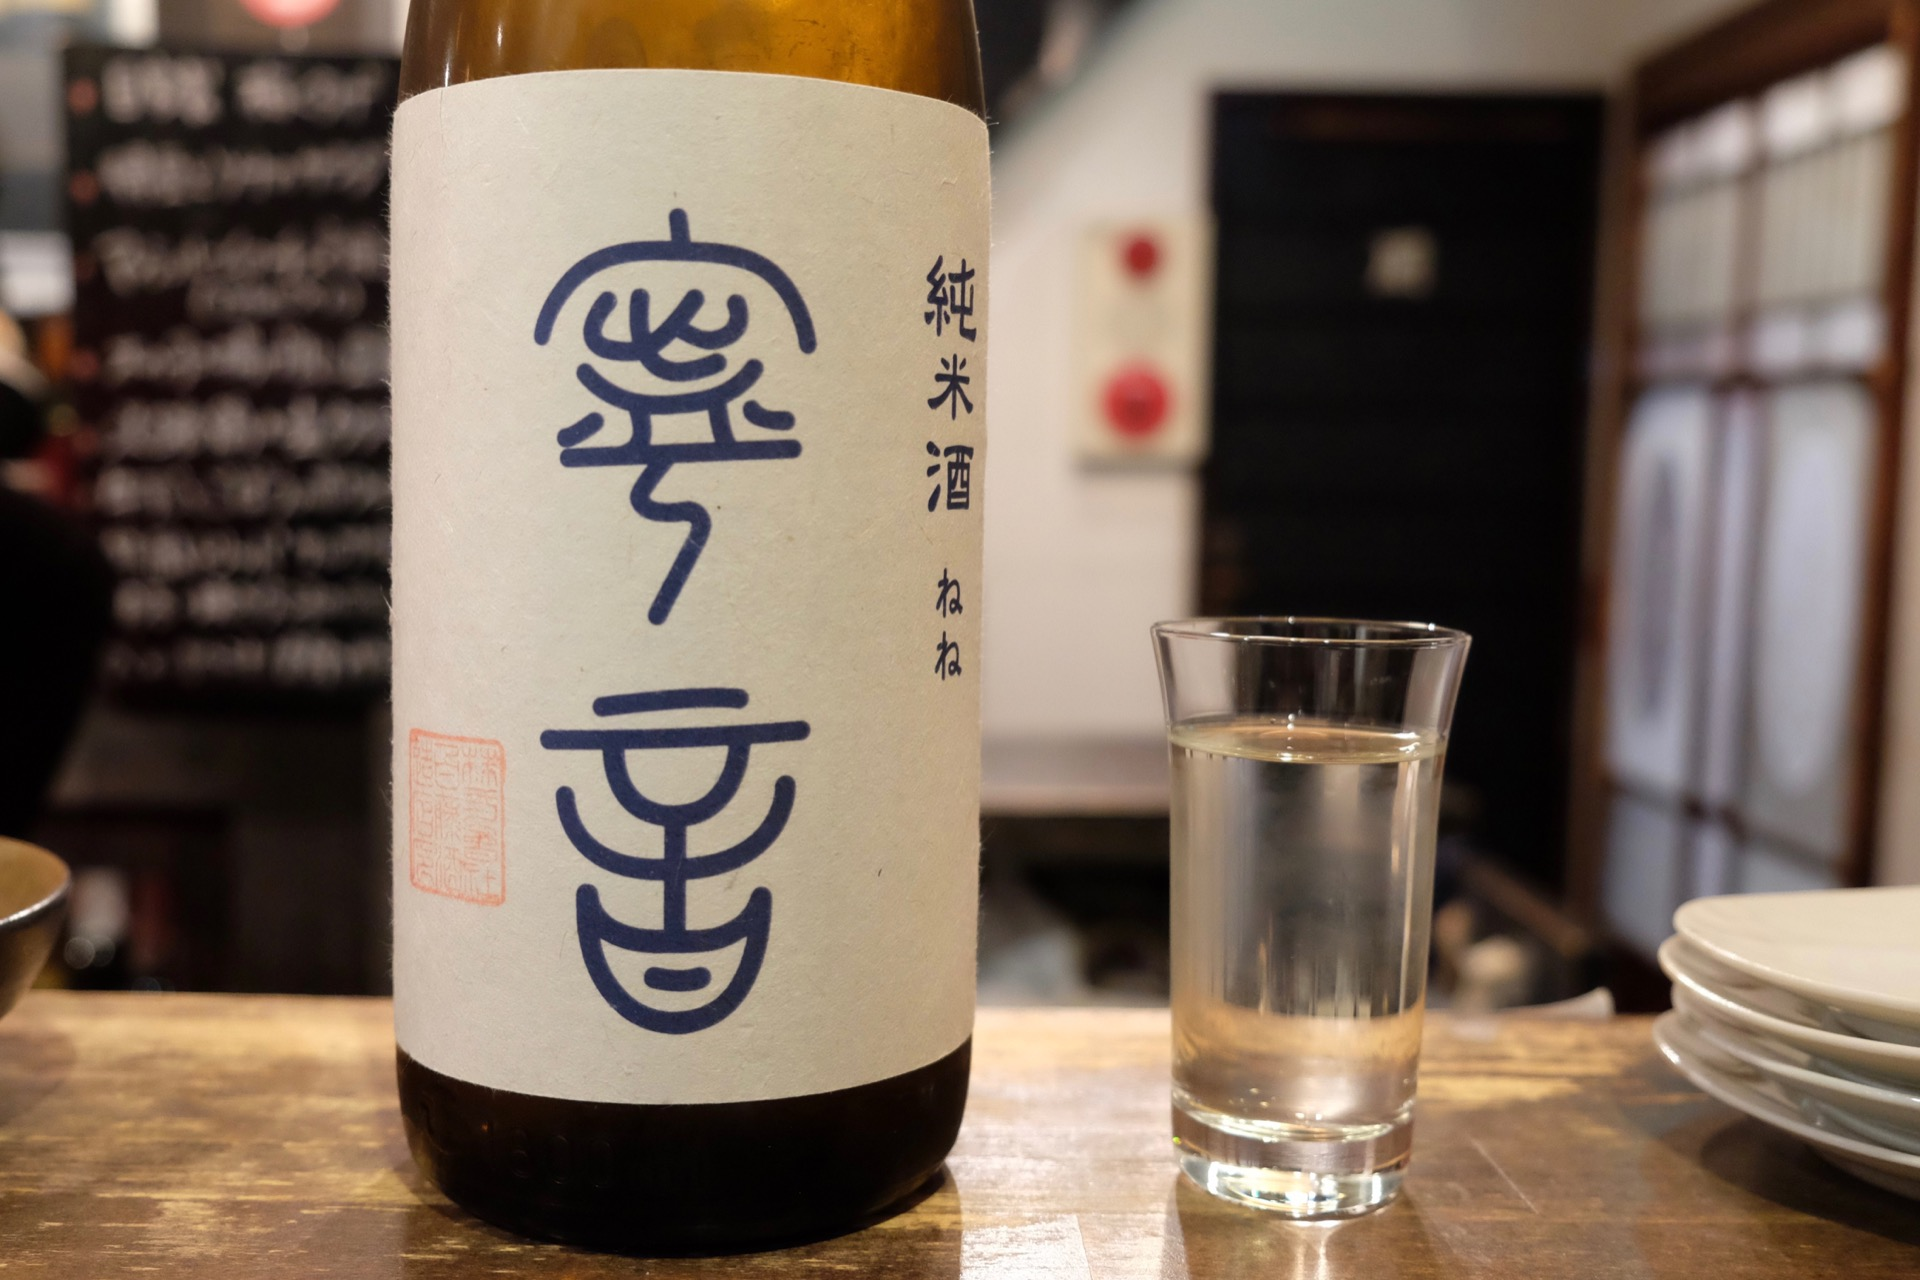 純米酒 寧音(ねね) 無濾過火入れ|日本酒テイスティングノート